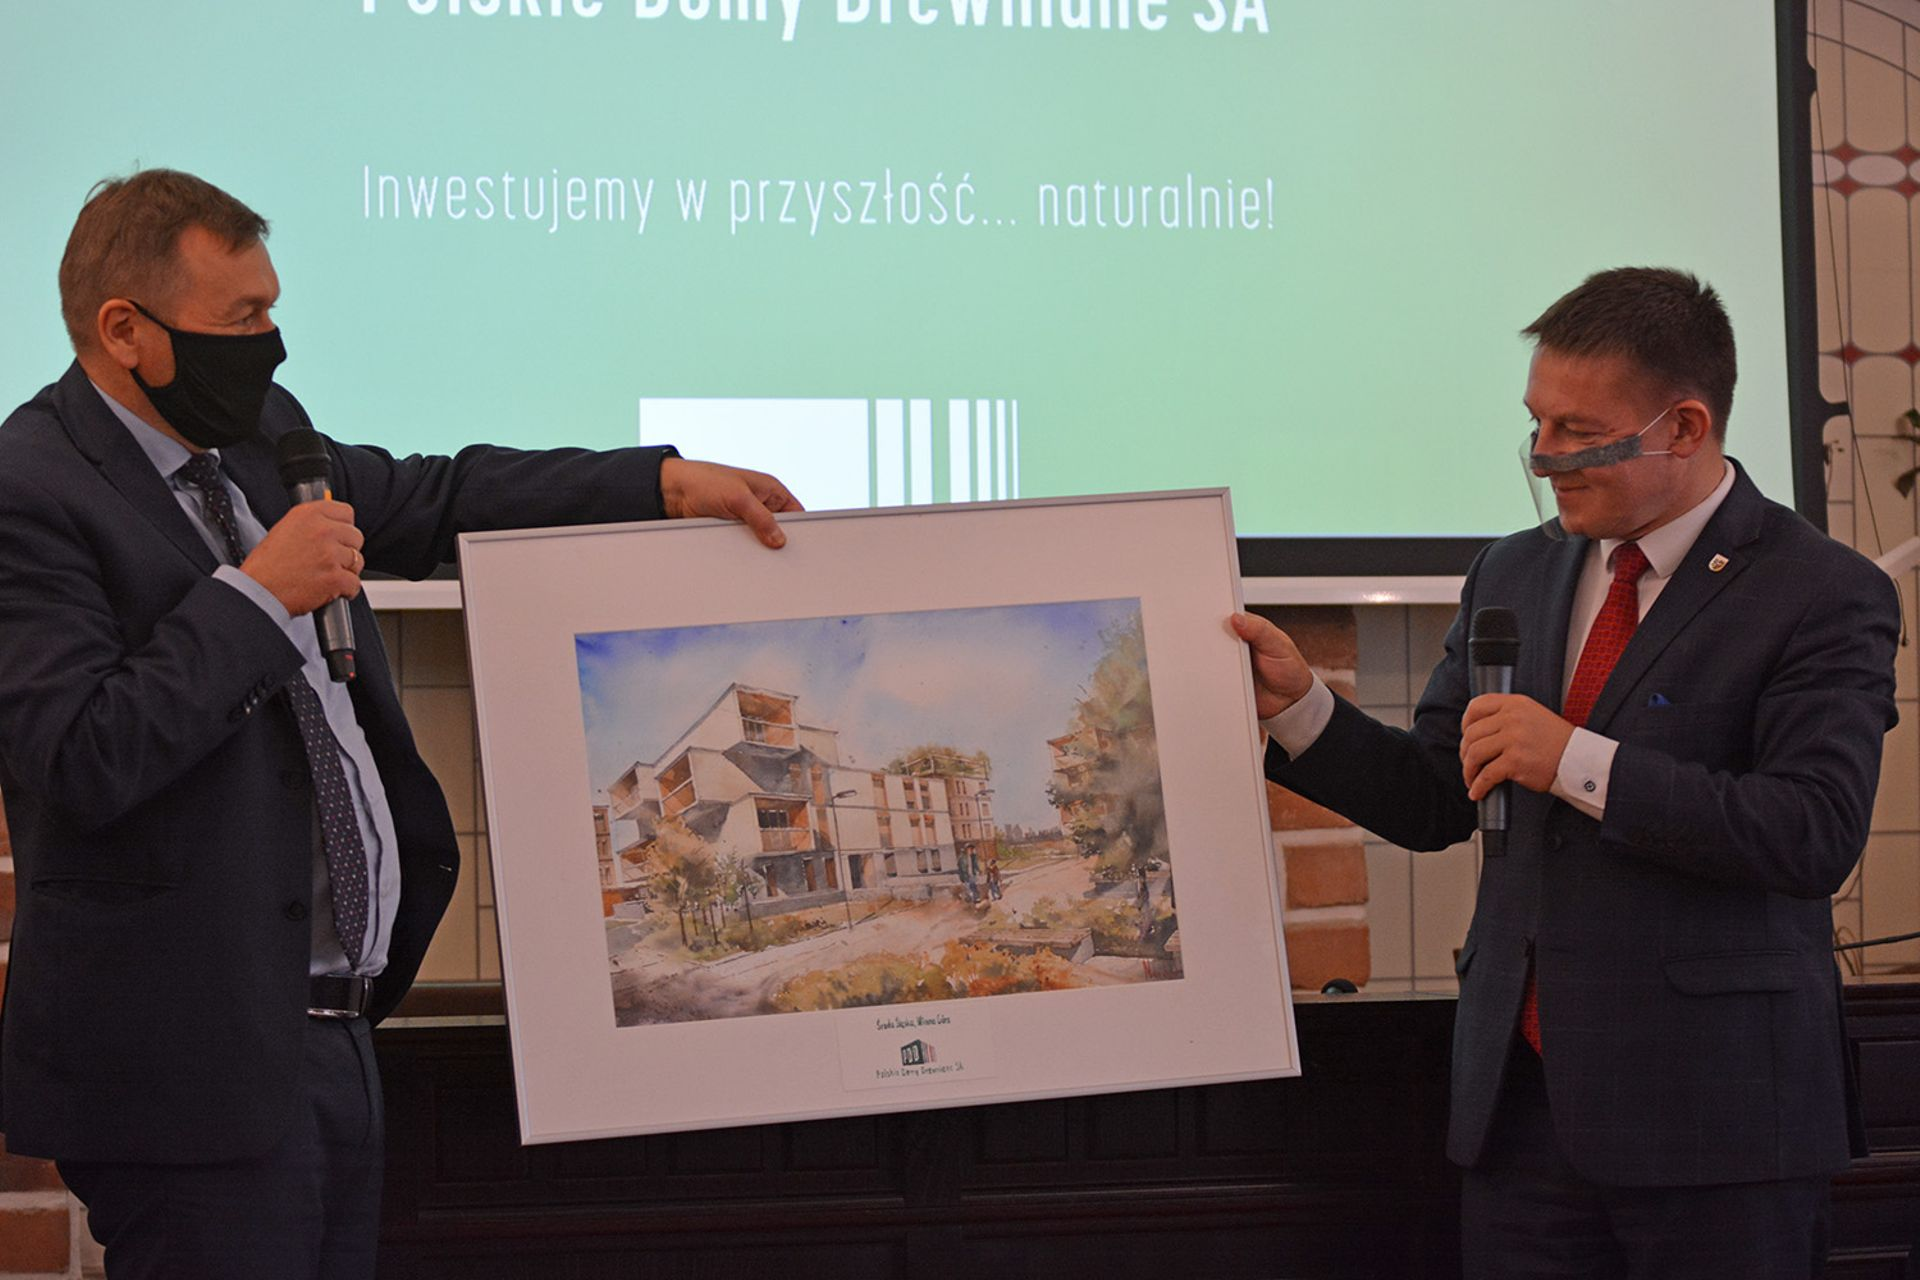 Środa Śląska: PDD wybuduje osiedle z ponad 800 lokalami na Winnej Górze